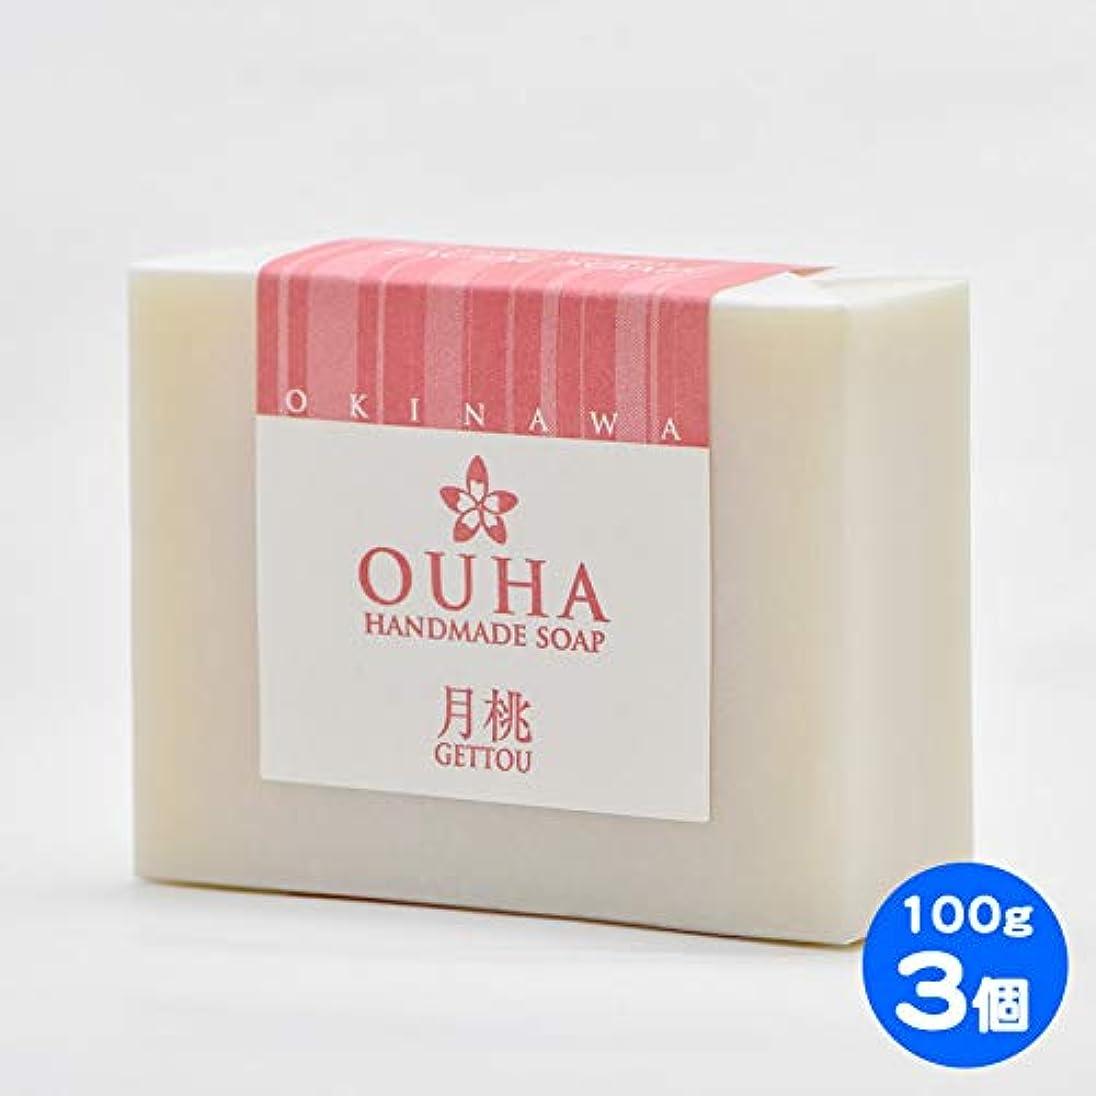 満足させるレクリエーション広大な【送料無料 レターパックライト】沖縄県産 OUHAソープ 月桃 石鹸 100g 3個セット